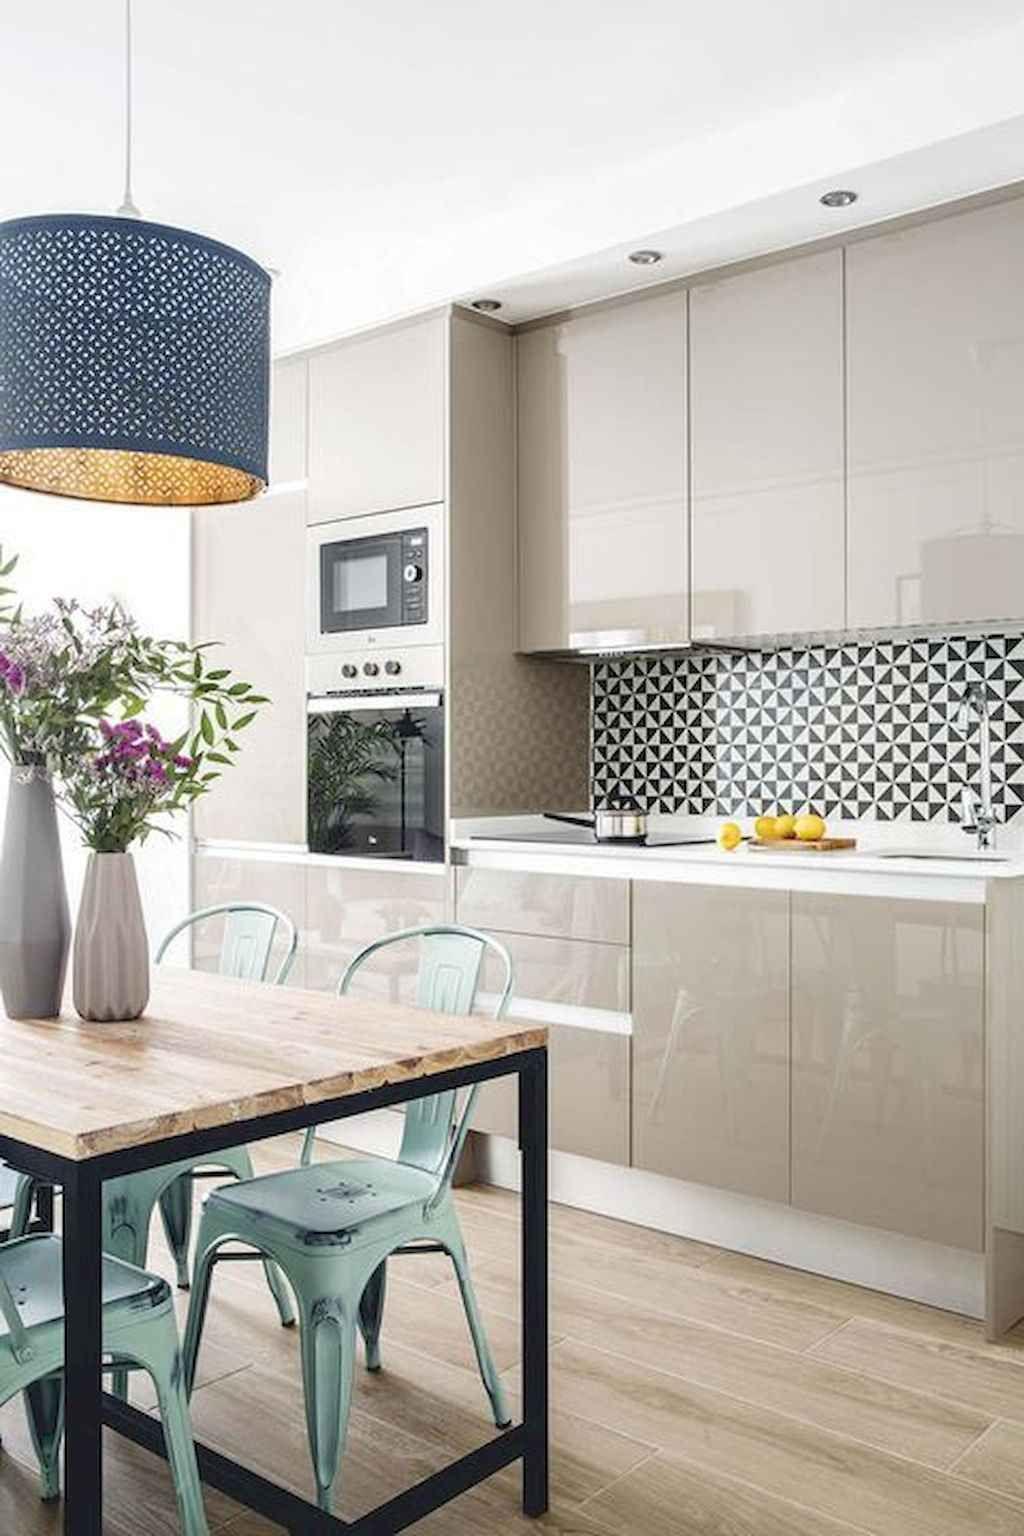 55 rental apartment kitchen design ideas small apartment kitchen modern kitchen design home on kitchen organization small apartment id=46361